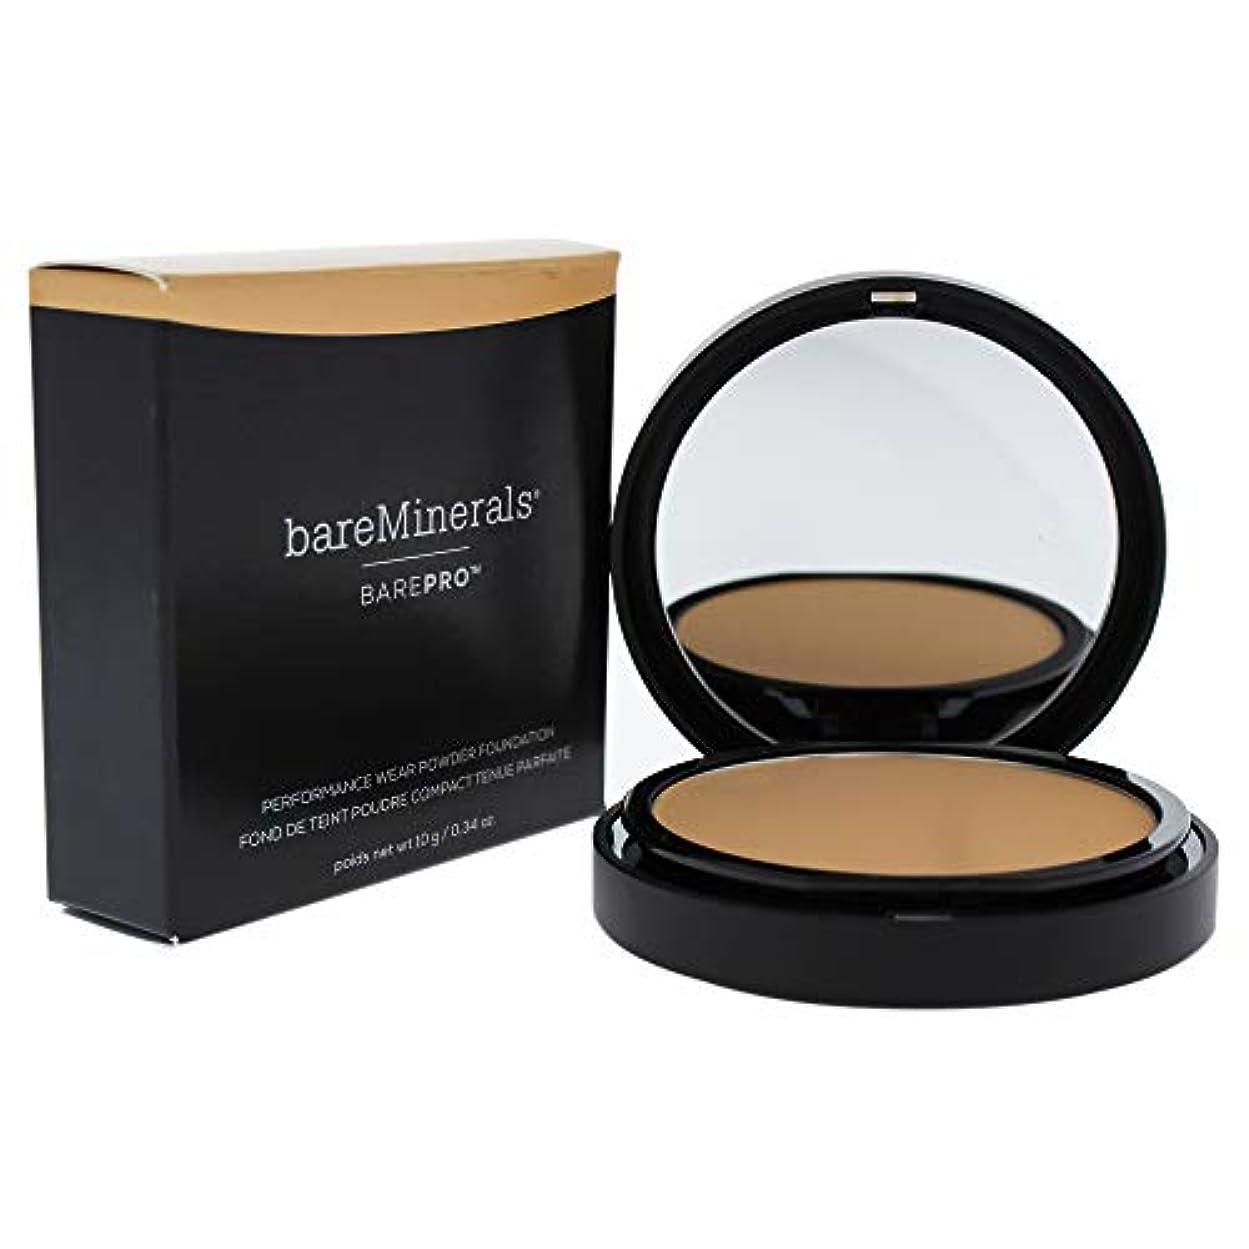 平行ガラスキラウエア山ベアミネラル BarePro Performance Wear Powder Foundation - # 13 Golden Nude 10g/0.34oz並行輸入品